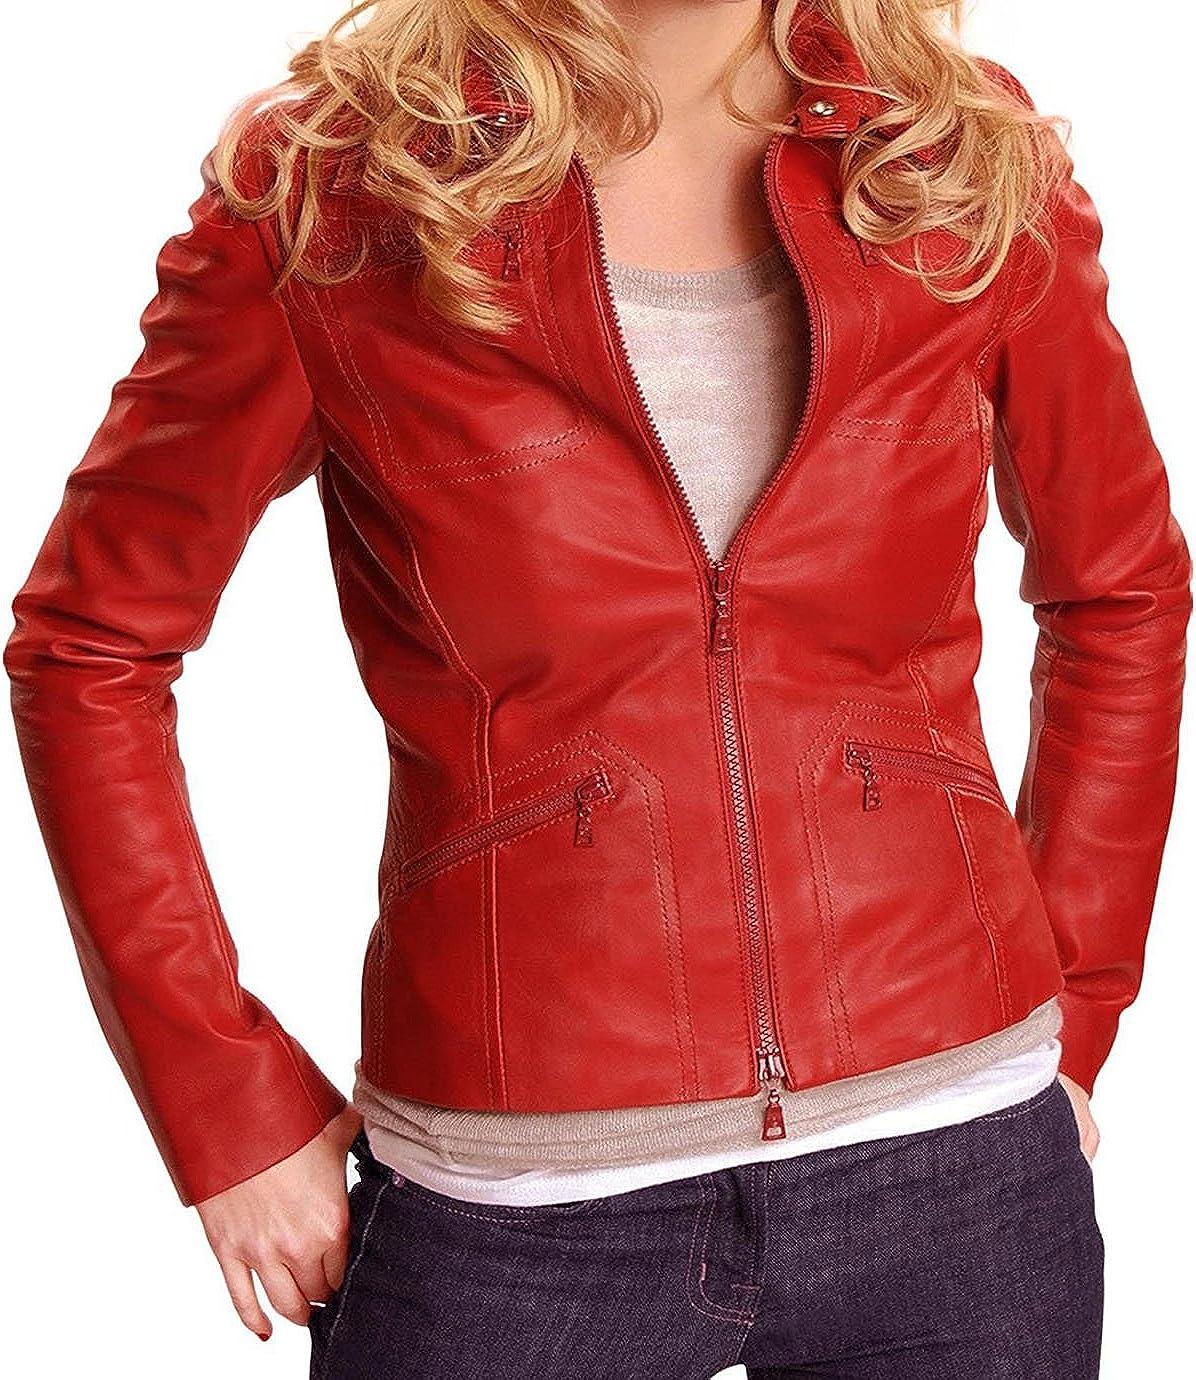 UGFashions Jennifer Morrison Once Emma Swan Red Faux Biker Slim Fit Leather Jacket